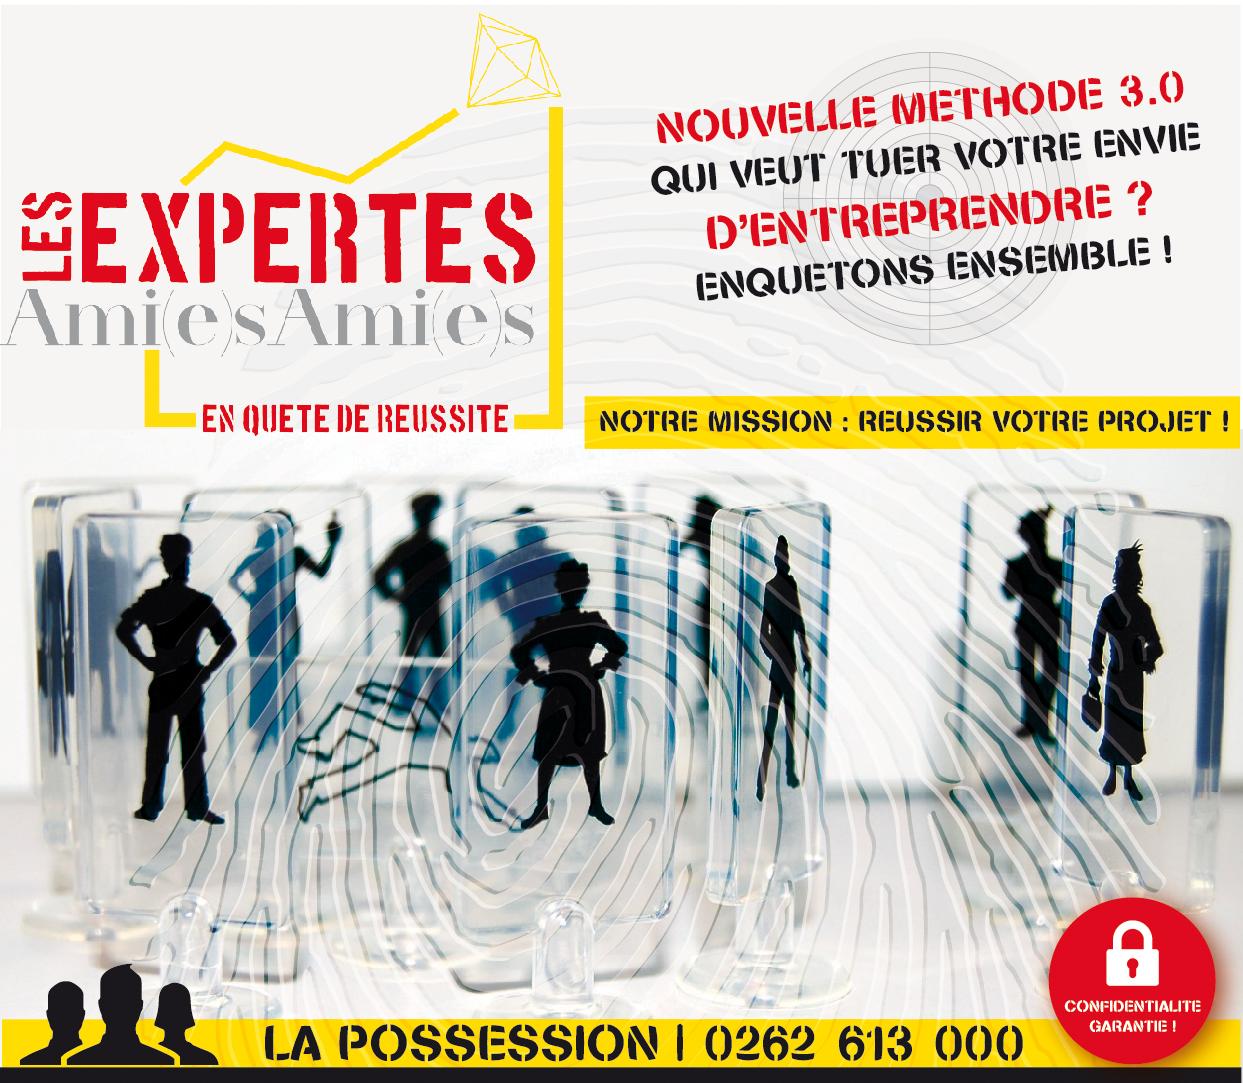 Les Expertes Amies Amies | Flyer | Conception